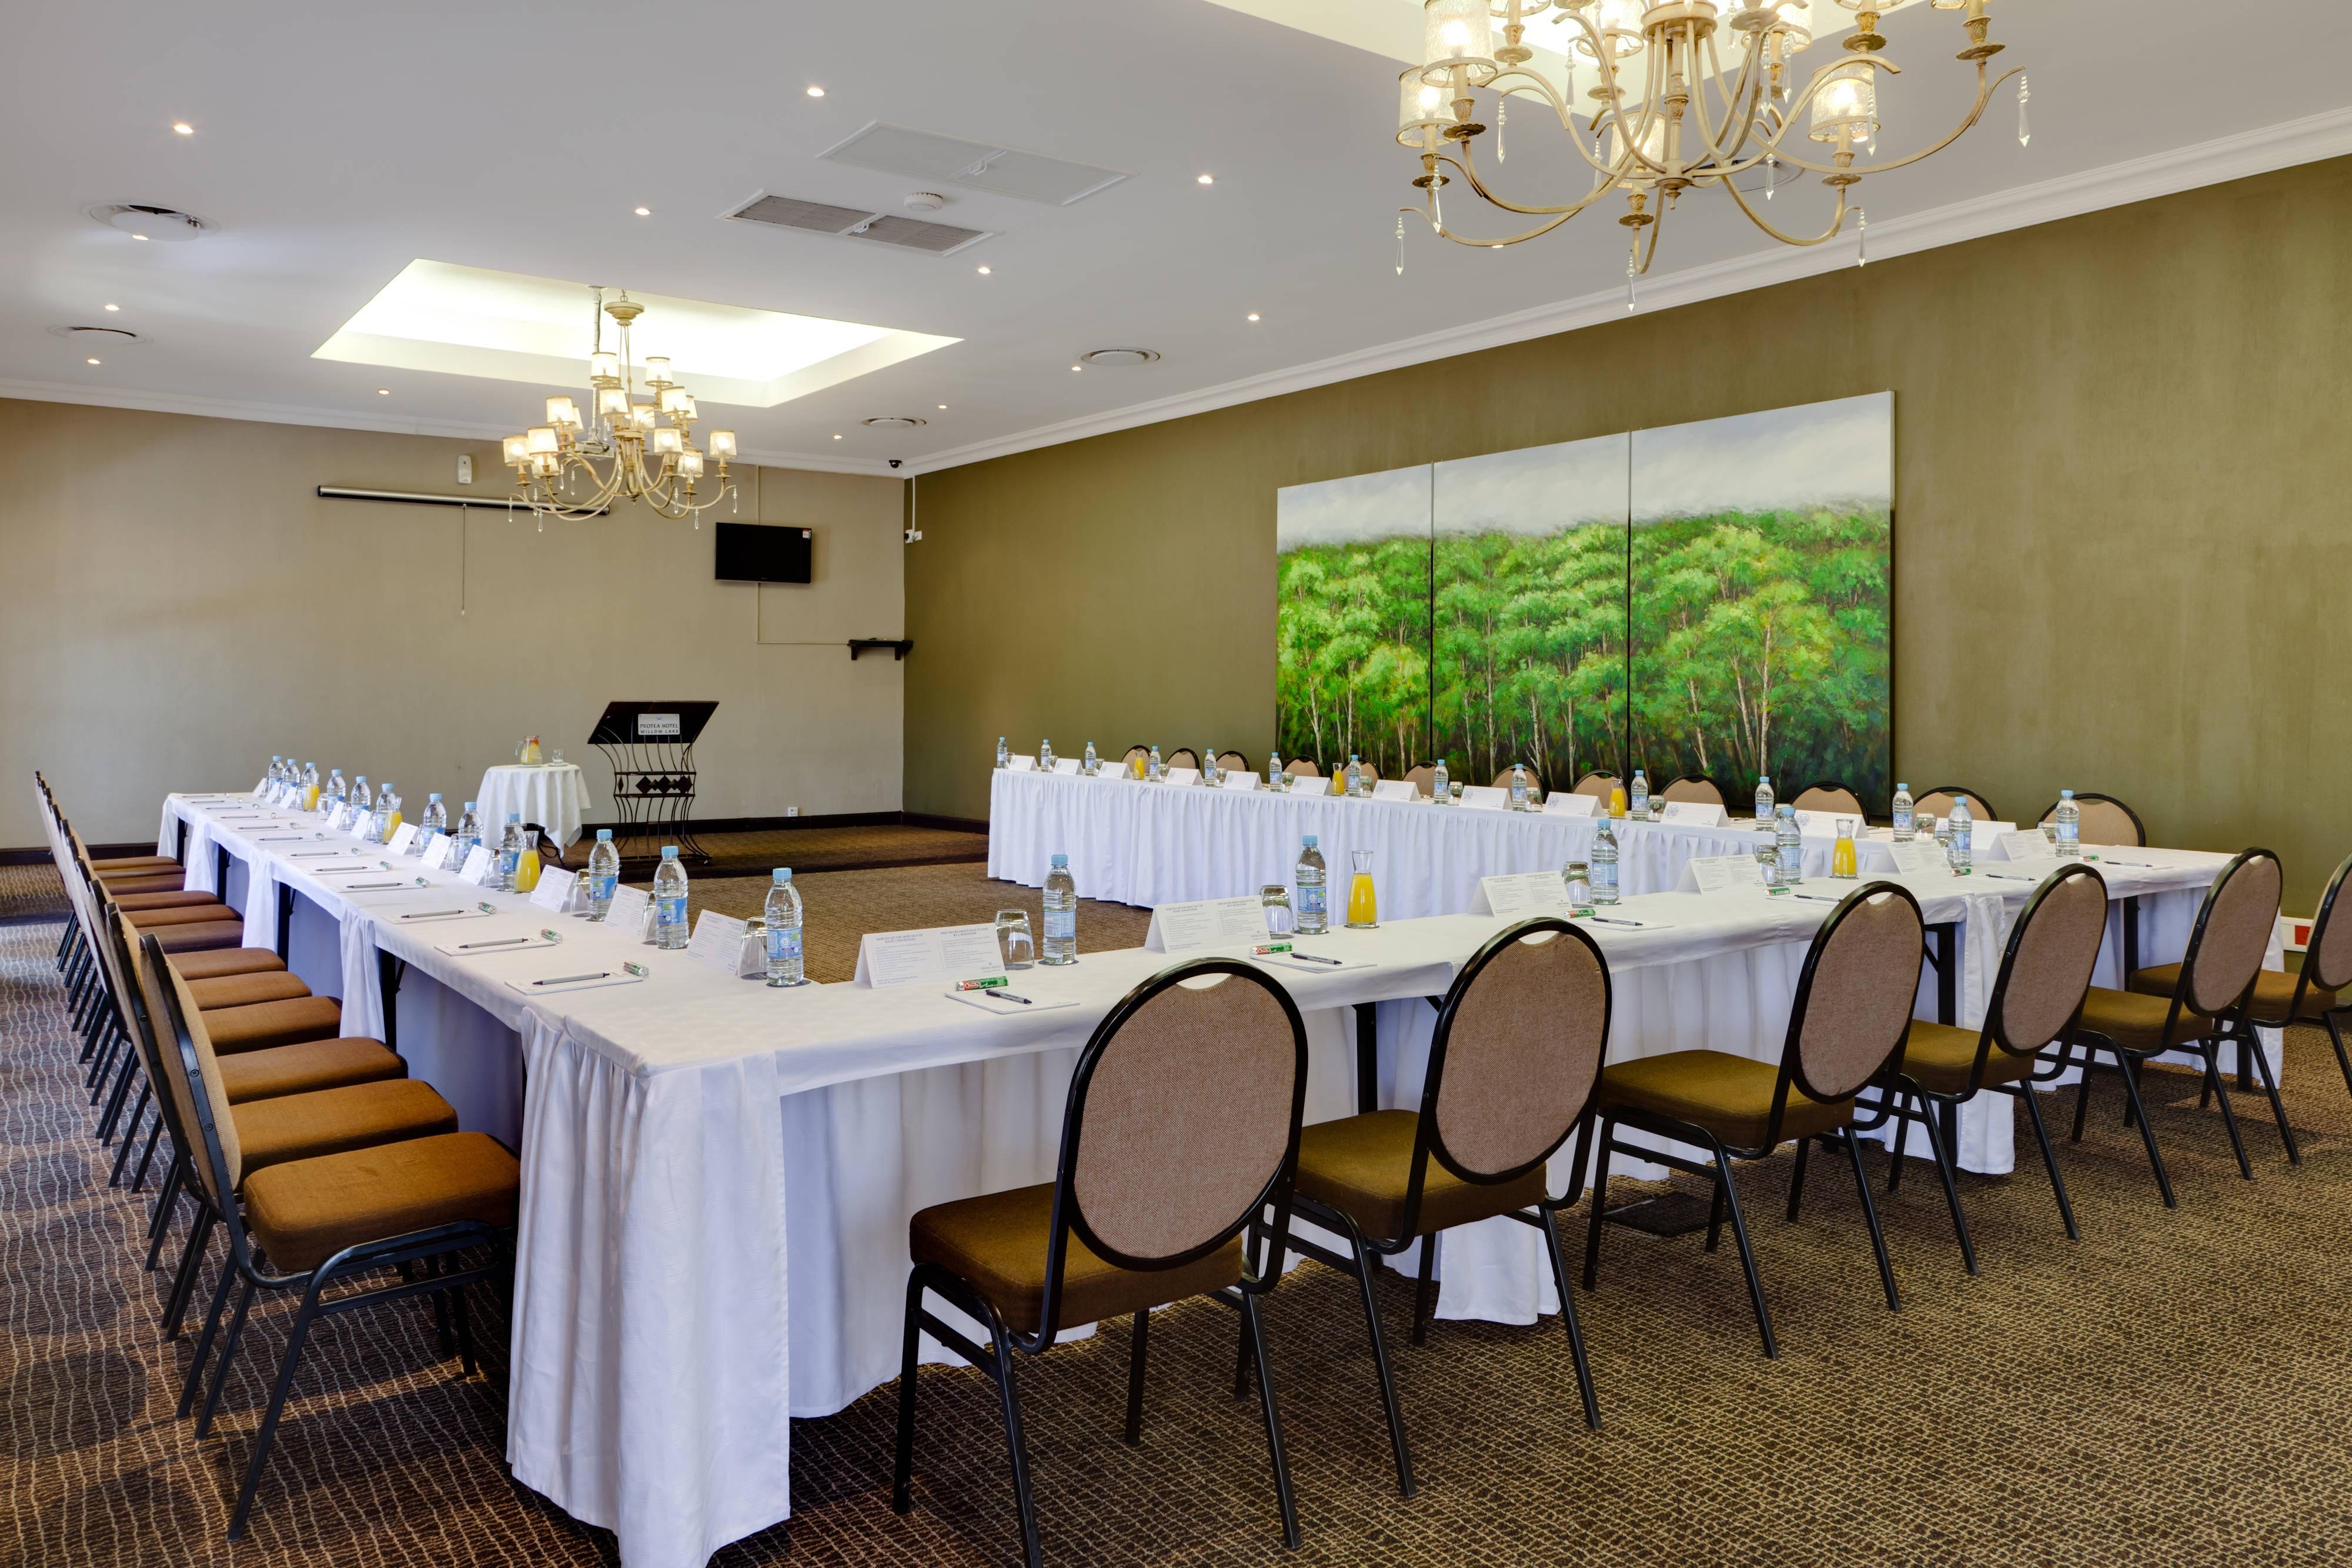 Thandora Conference Room - U-Shape Setup